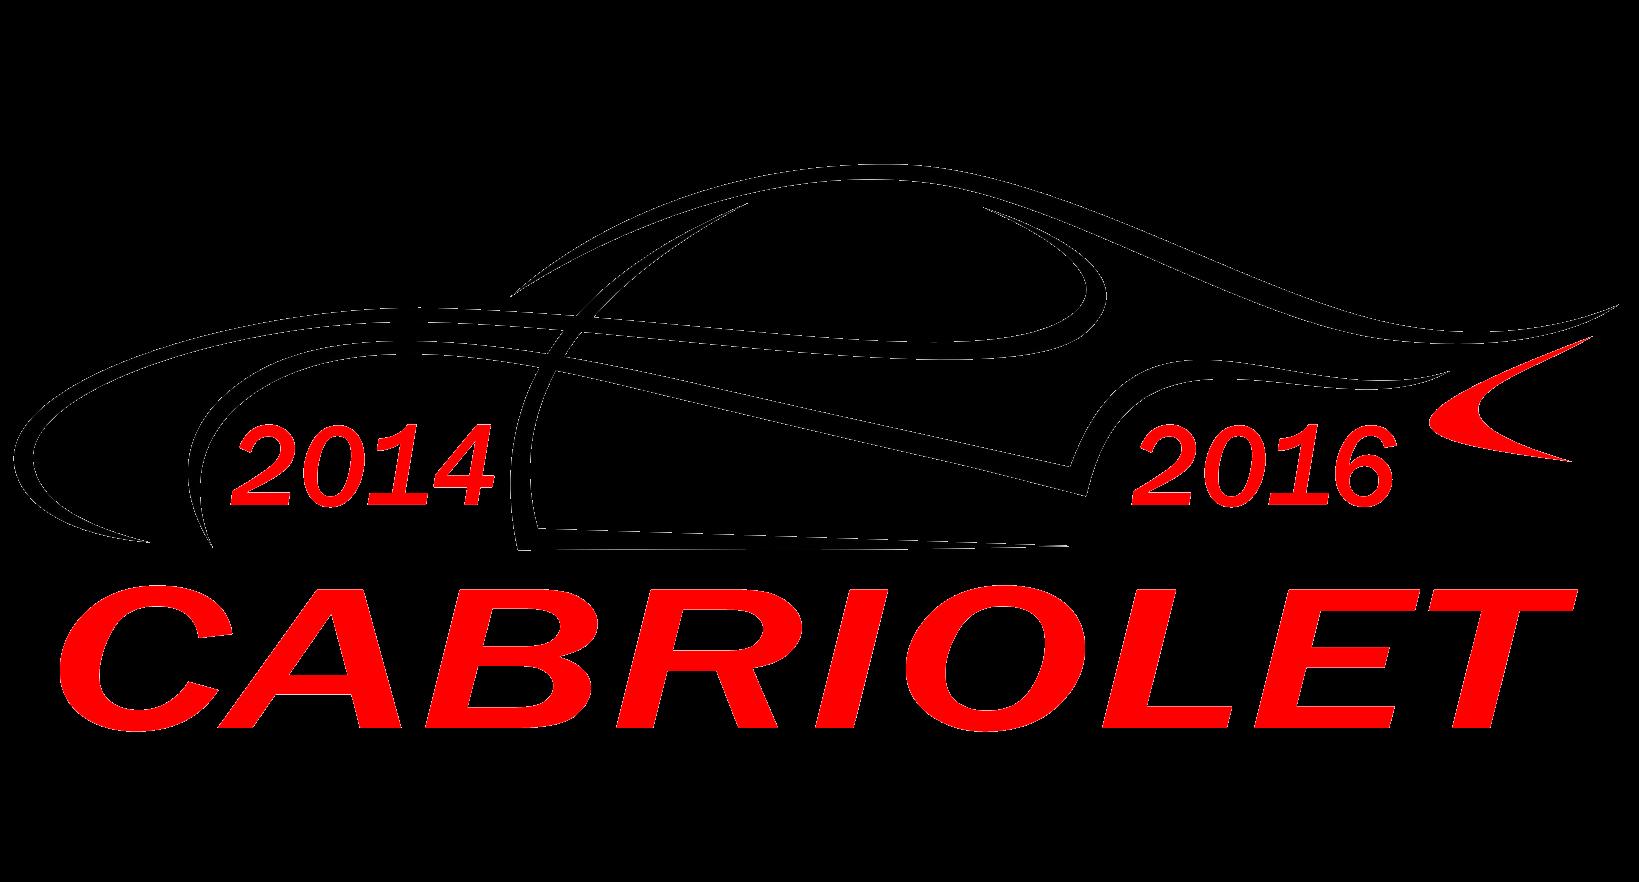 TEMPUS CABRIOLET project web-site